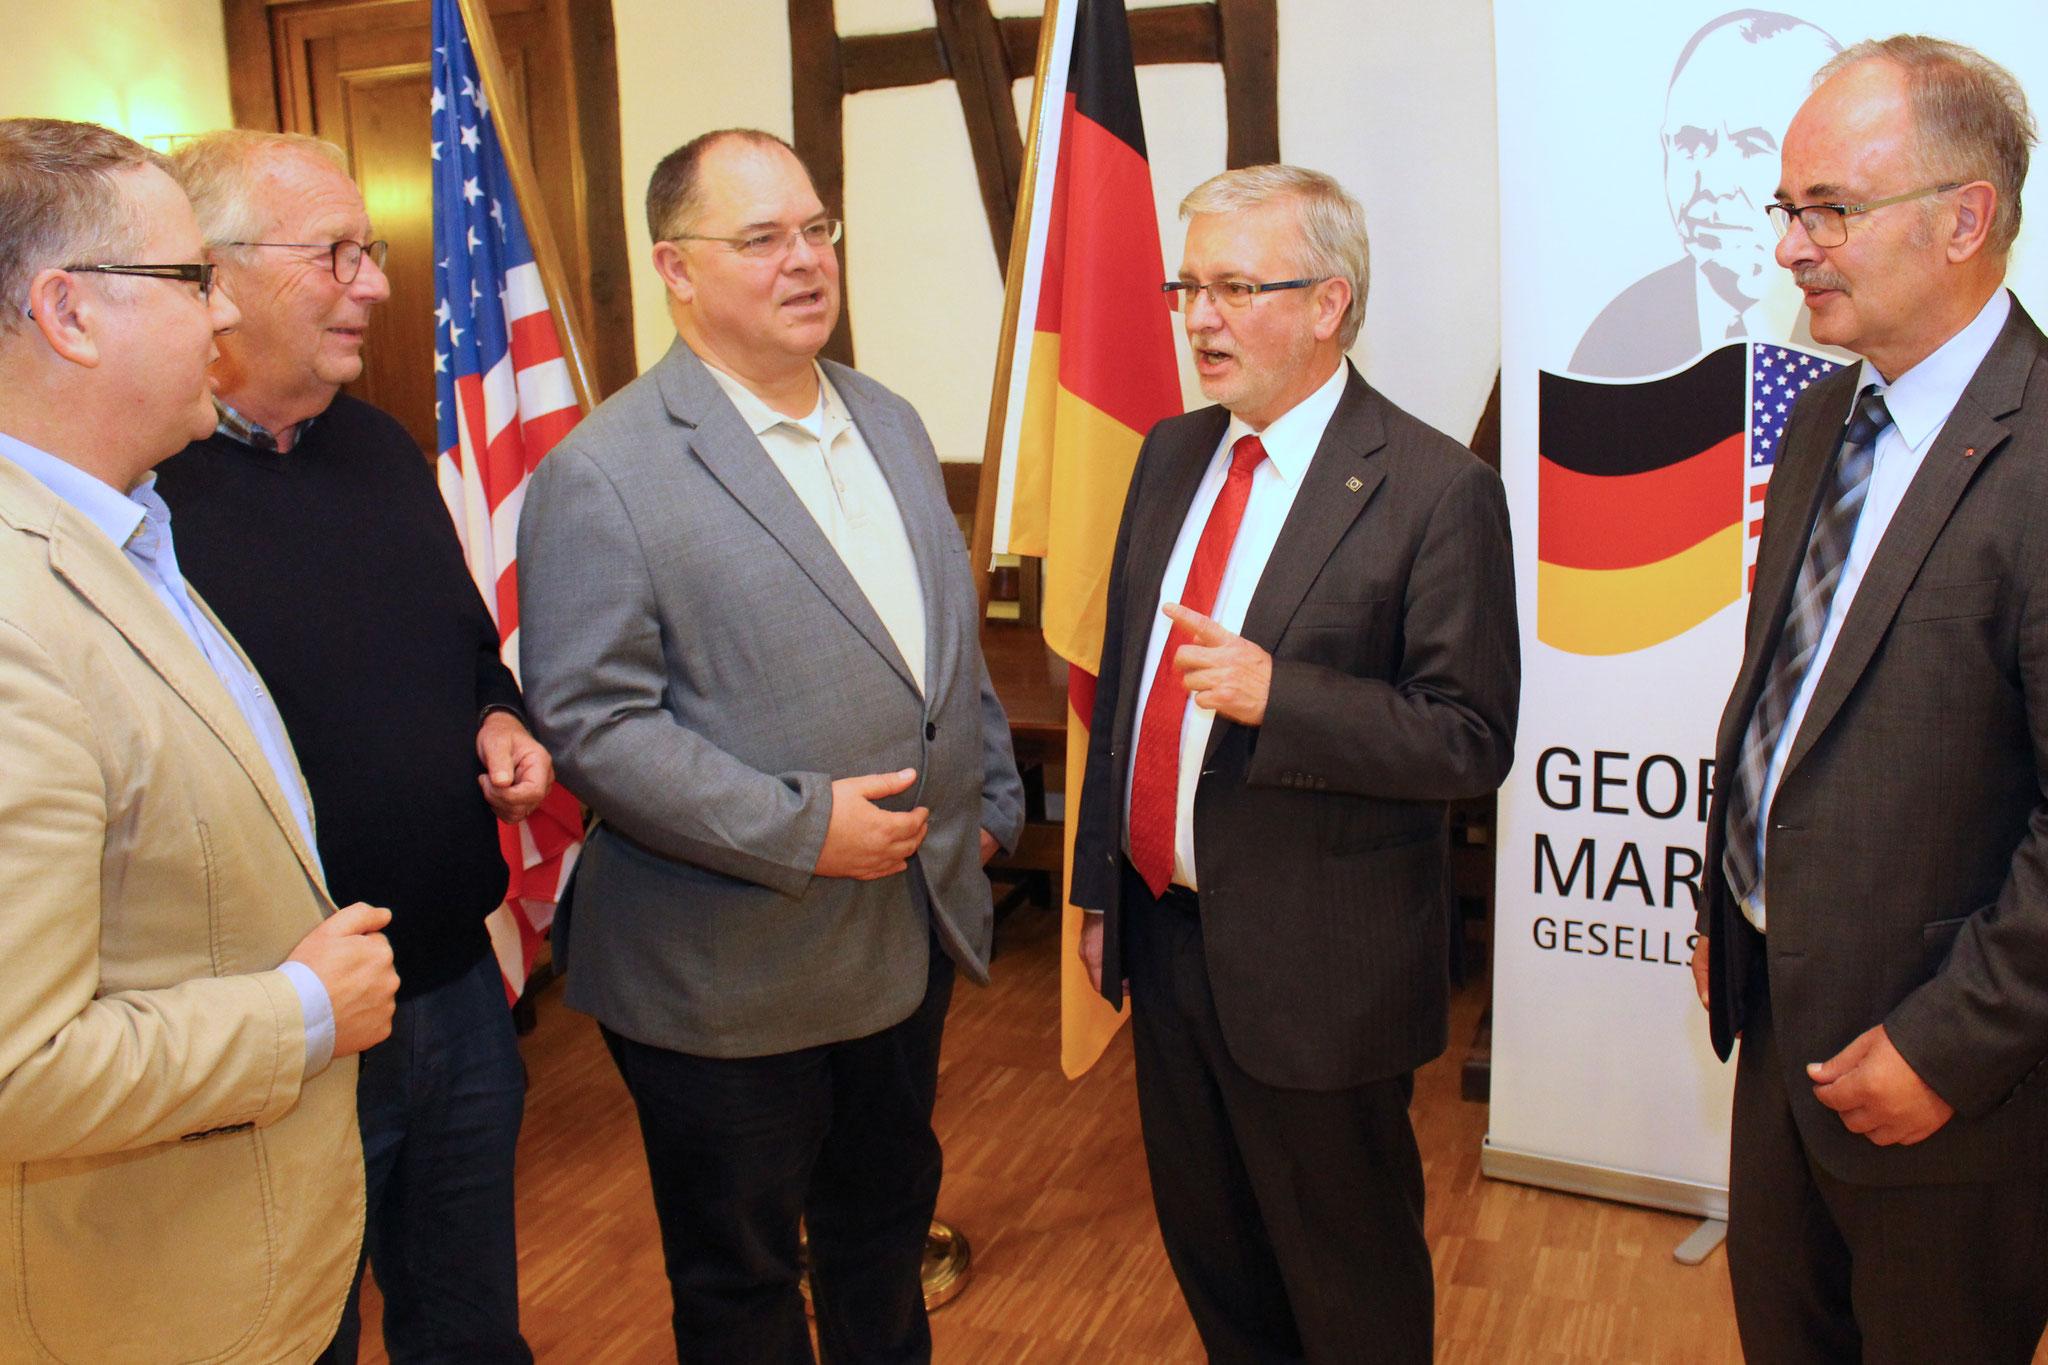 Vorstandsmitglieder der Marshall-Gesellschaft im Gespräch mit MdEP Gahler